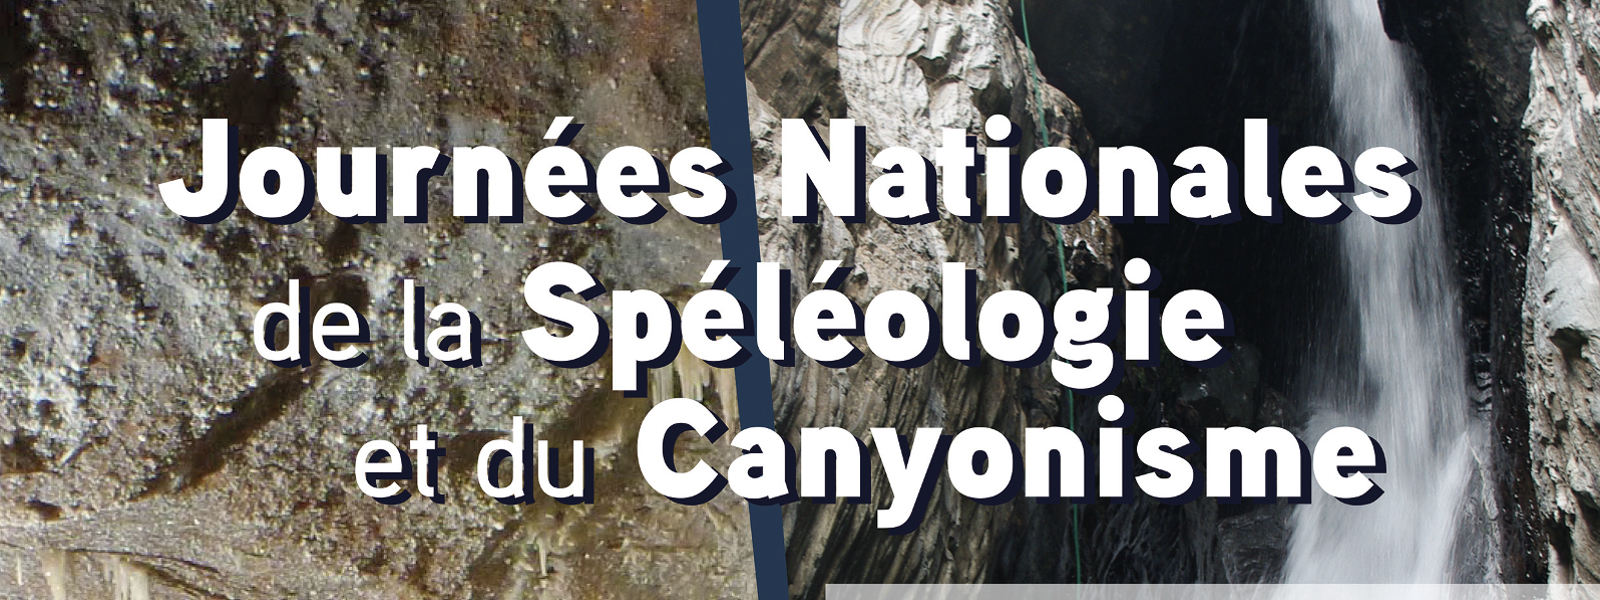 Journée nationale de la spéléologie 2017